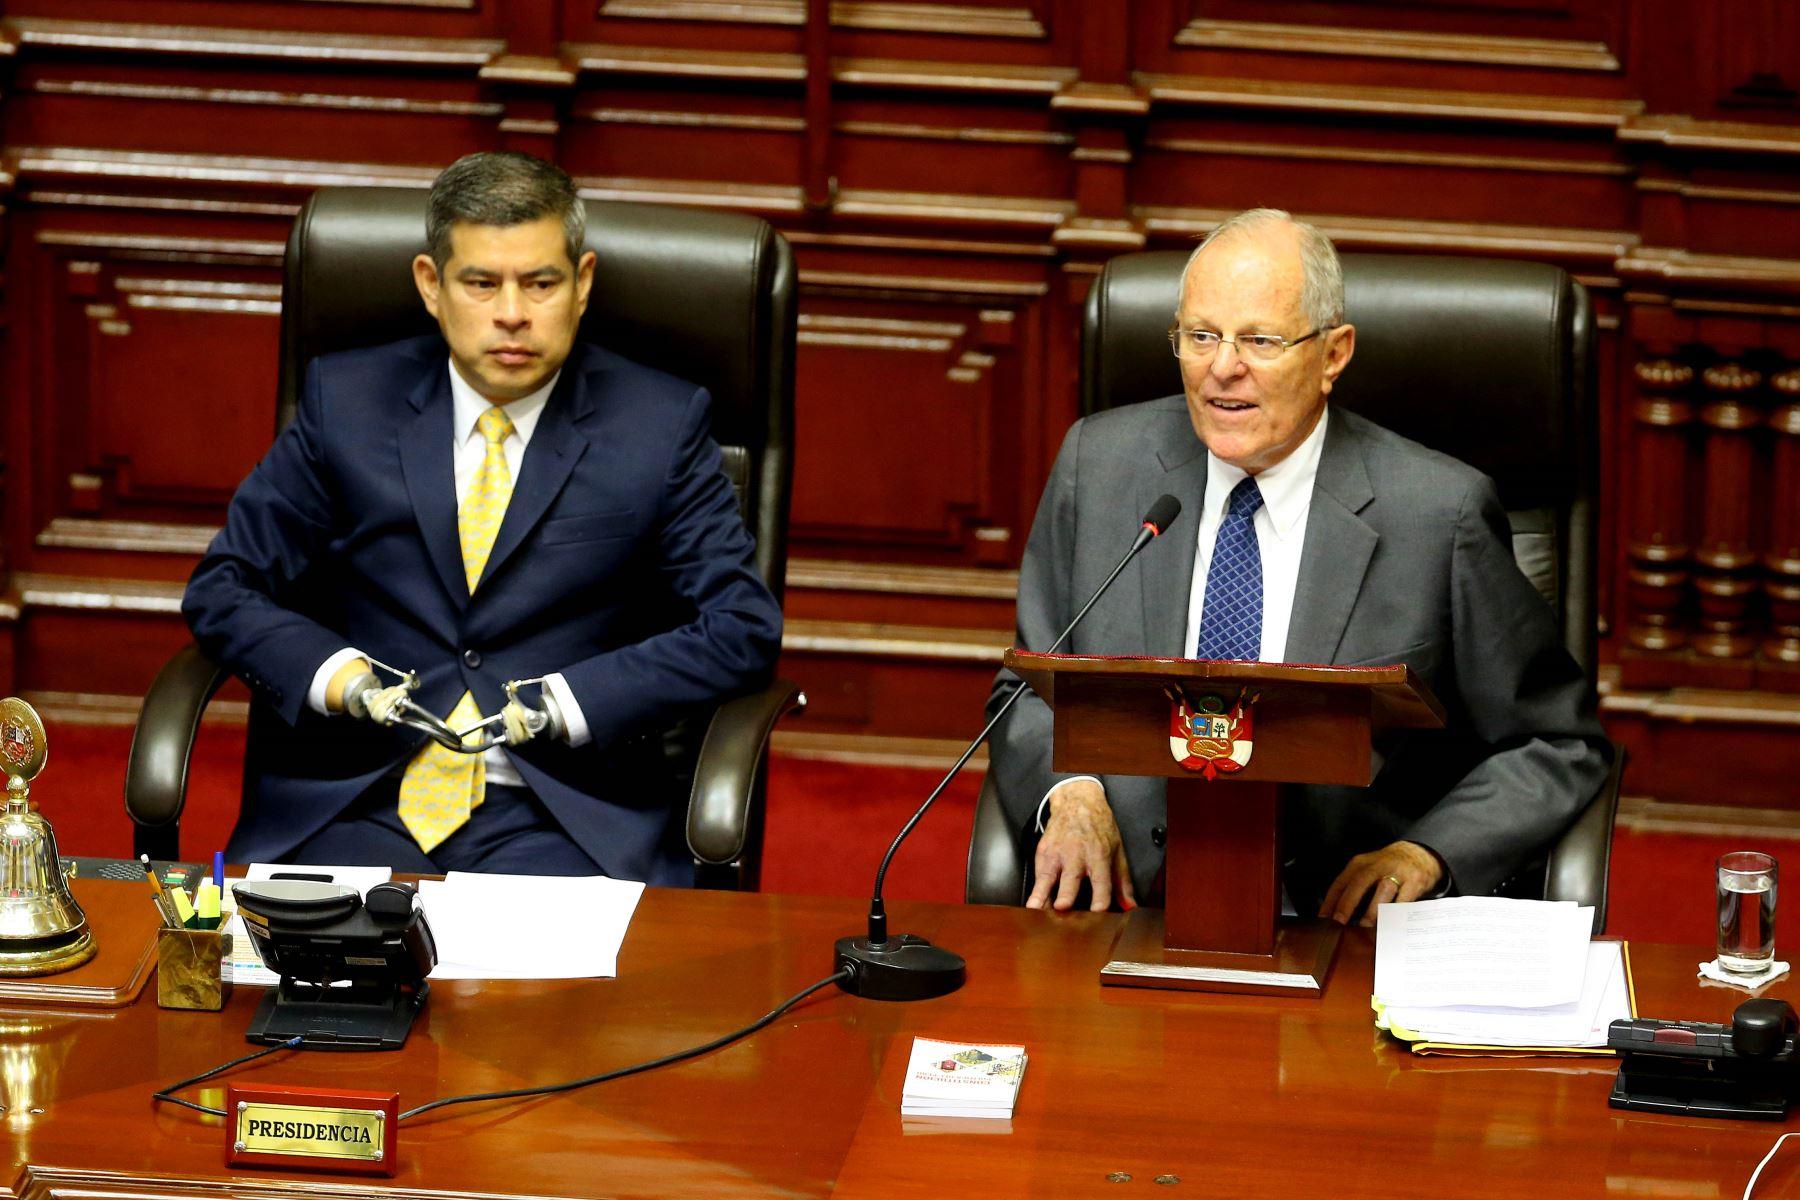 Peru lawmakers end debate on ousting president